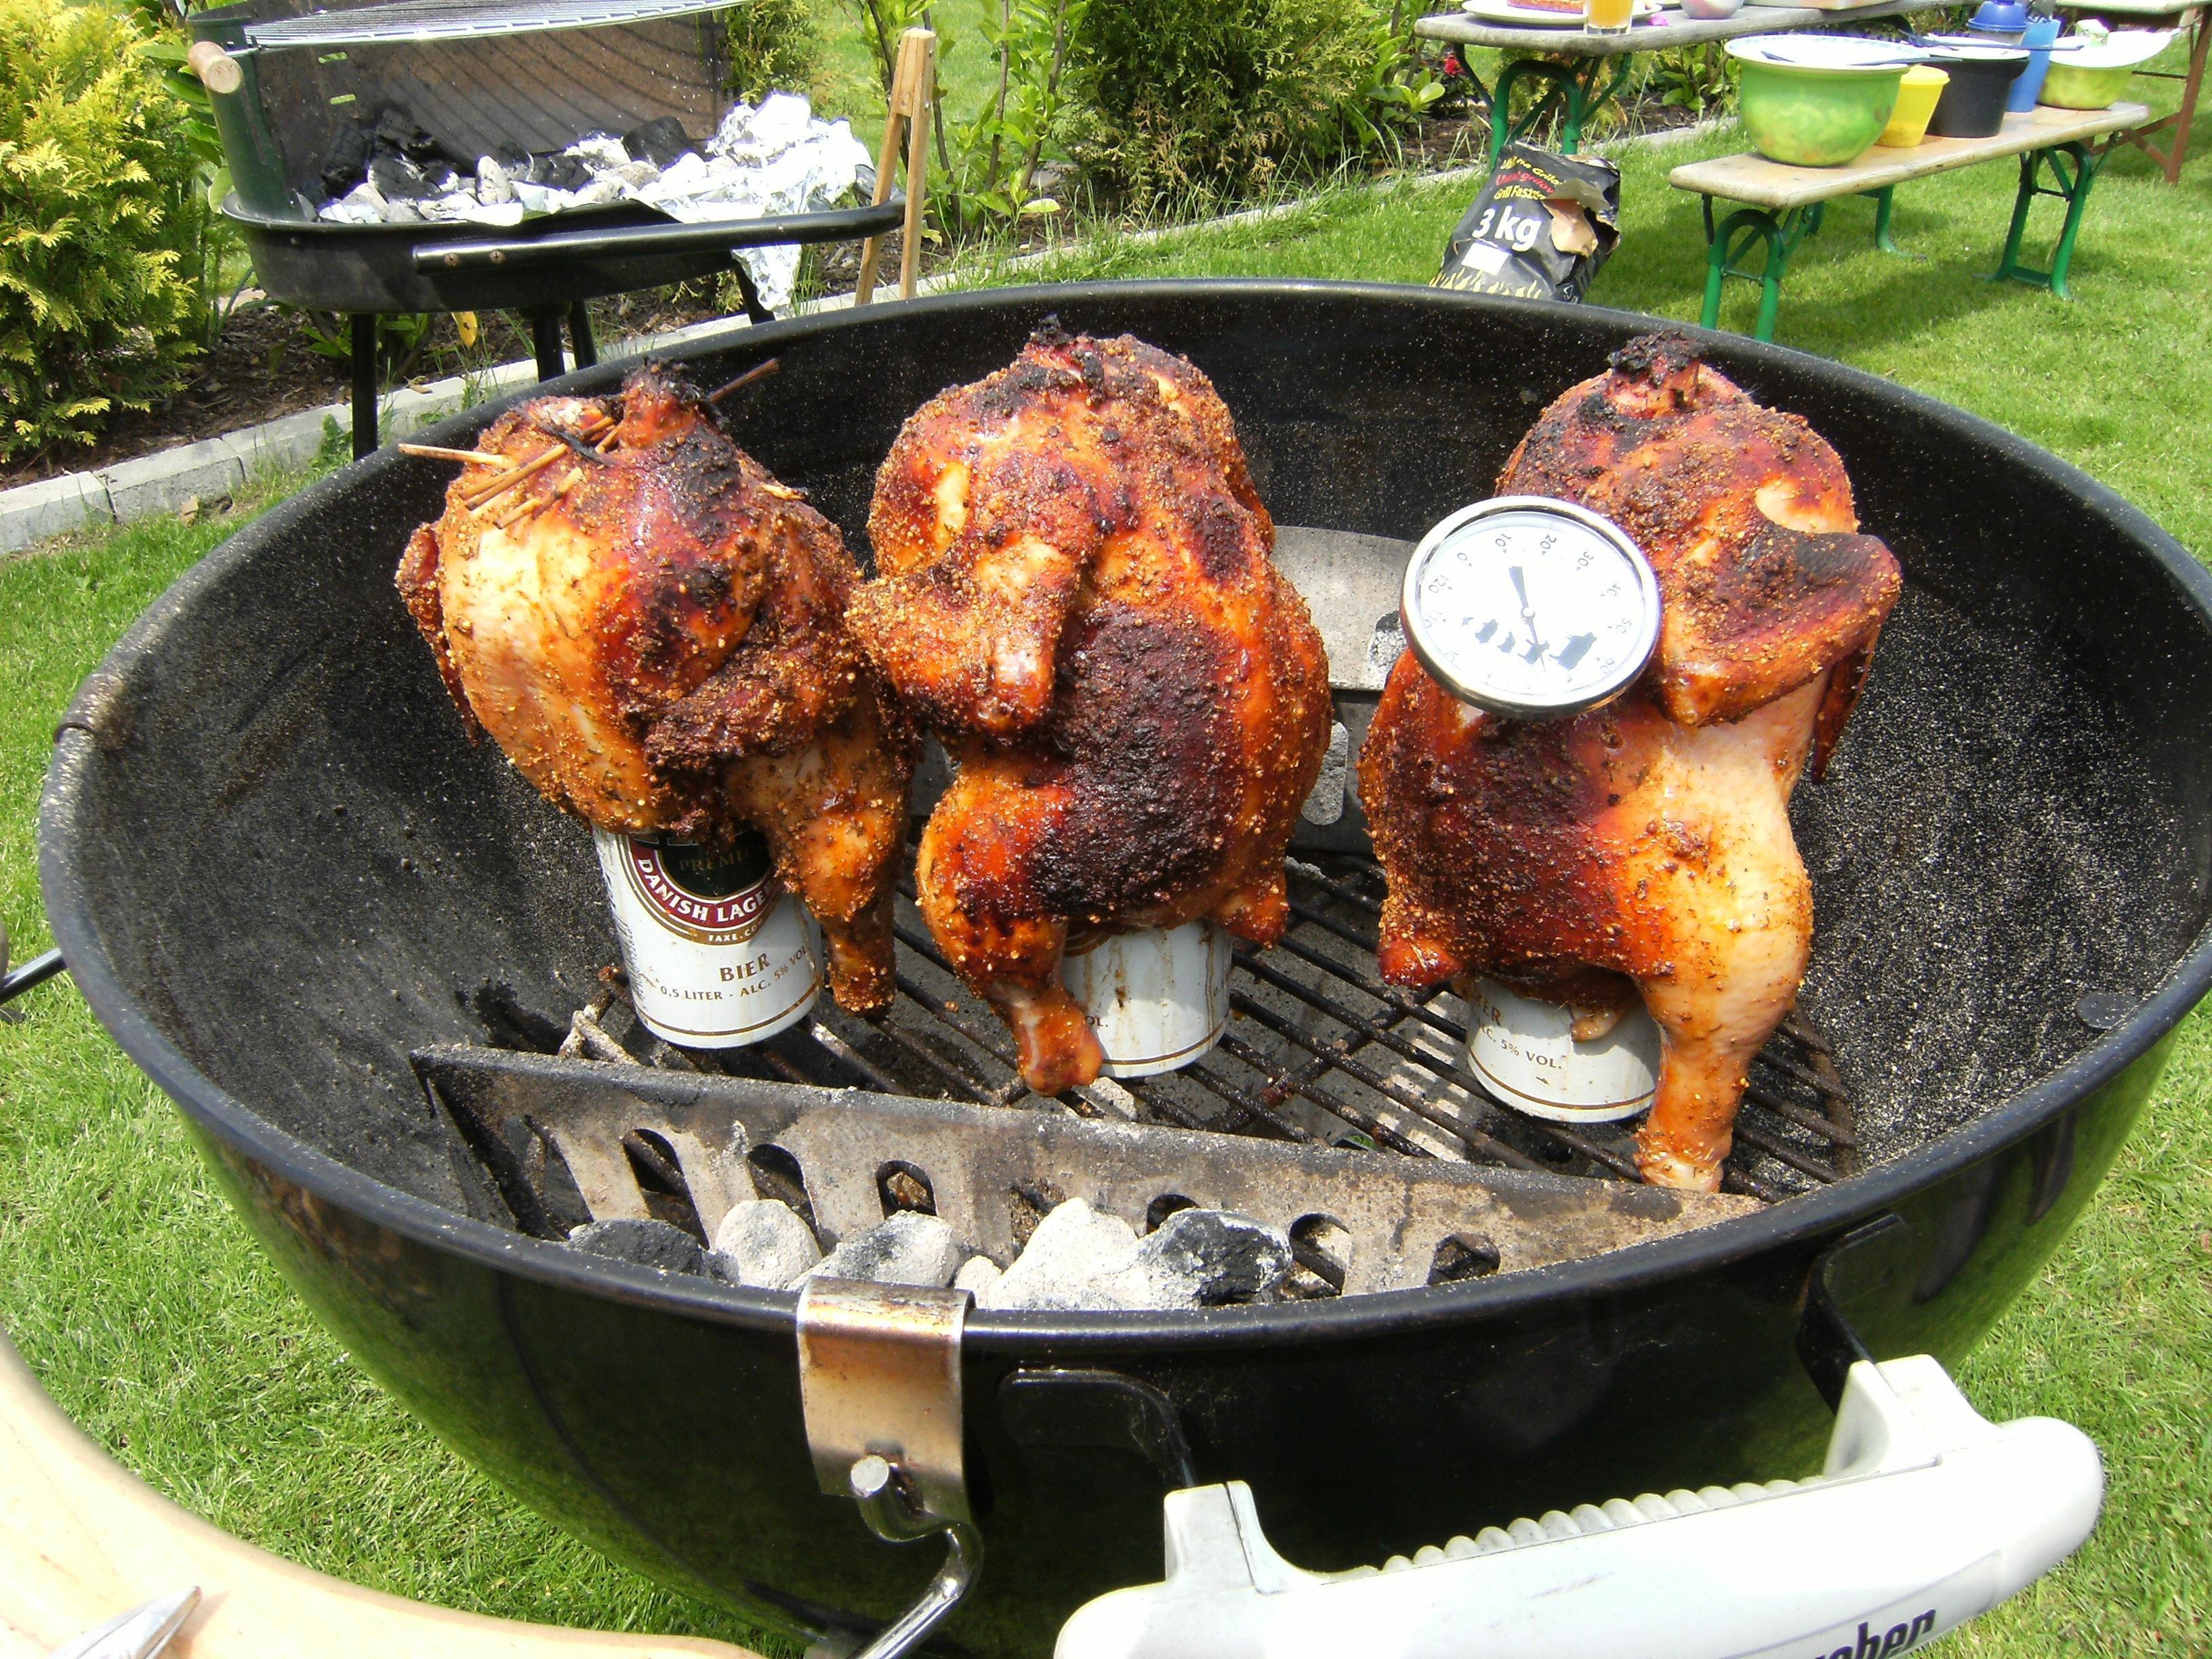 barbecue die besten rezepte tipps und tricks zum grillieren. Black Bedroom Furniture Sets. Home Design Ideas